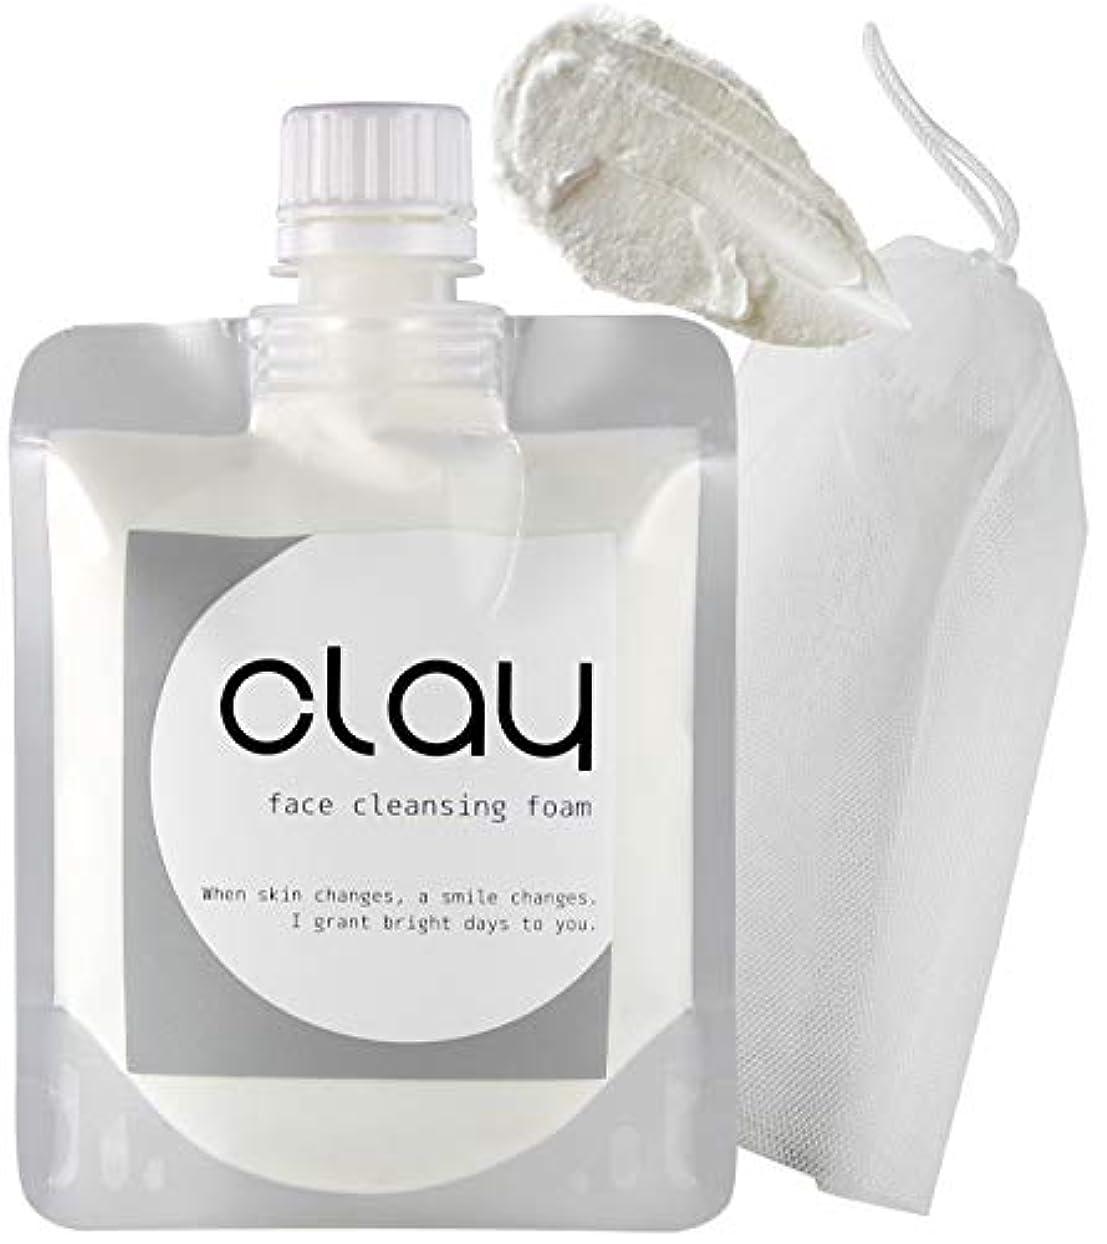 安心狂信者アセSTAR'S クレイ 泥 洗顔 オーガニック 【 毛穴 黒ずみ 開き ザラ付き 用】「 泡 ネット 付き」 40種類の植物エキス 16種類の美容成分 9つの無添加 透明感 柔肌 130g (Clay)